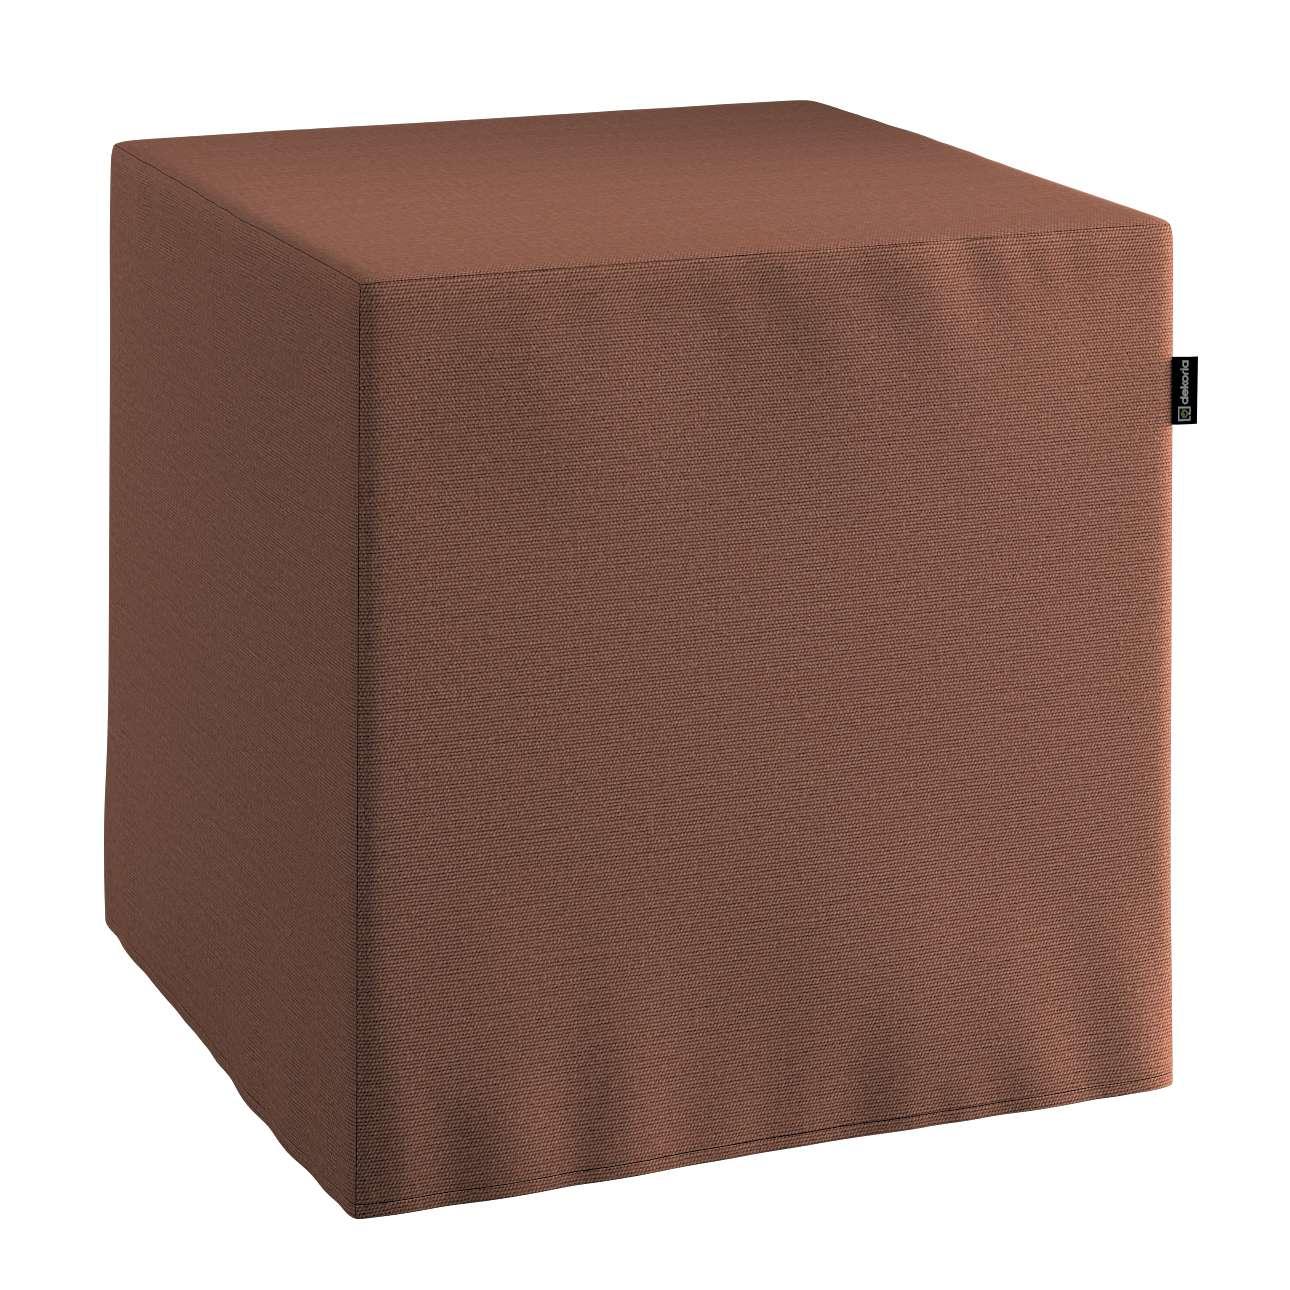 Sedák kostka - pevná 40x40x40 40 x 40 x 40 cm v kolekci Loneta, látka: 133-09